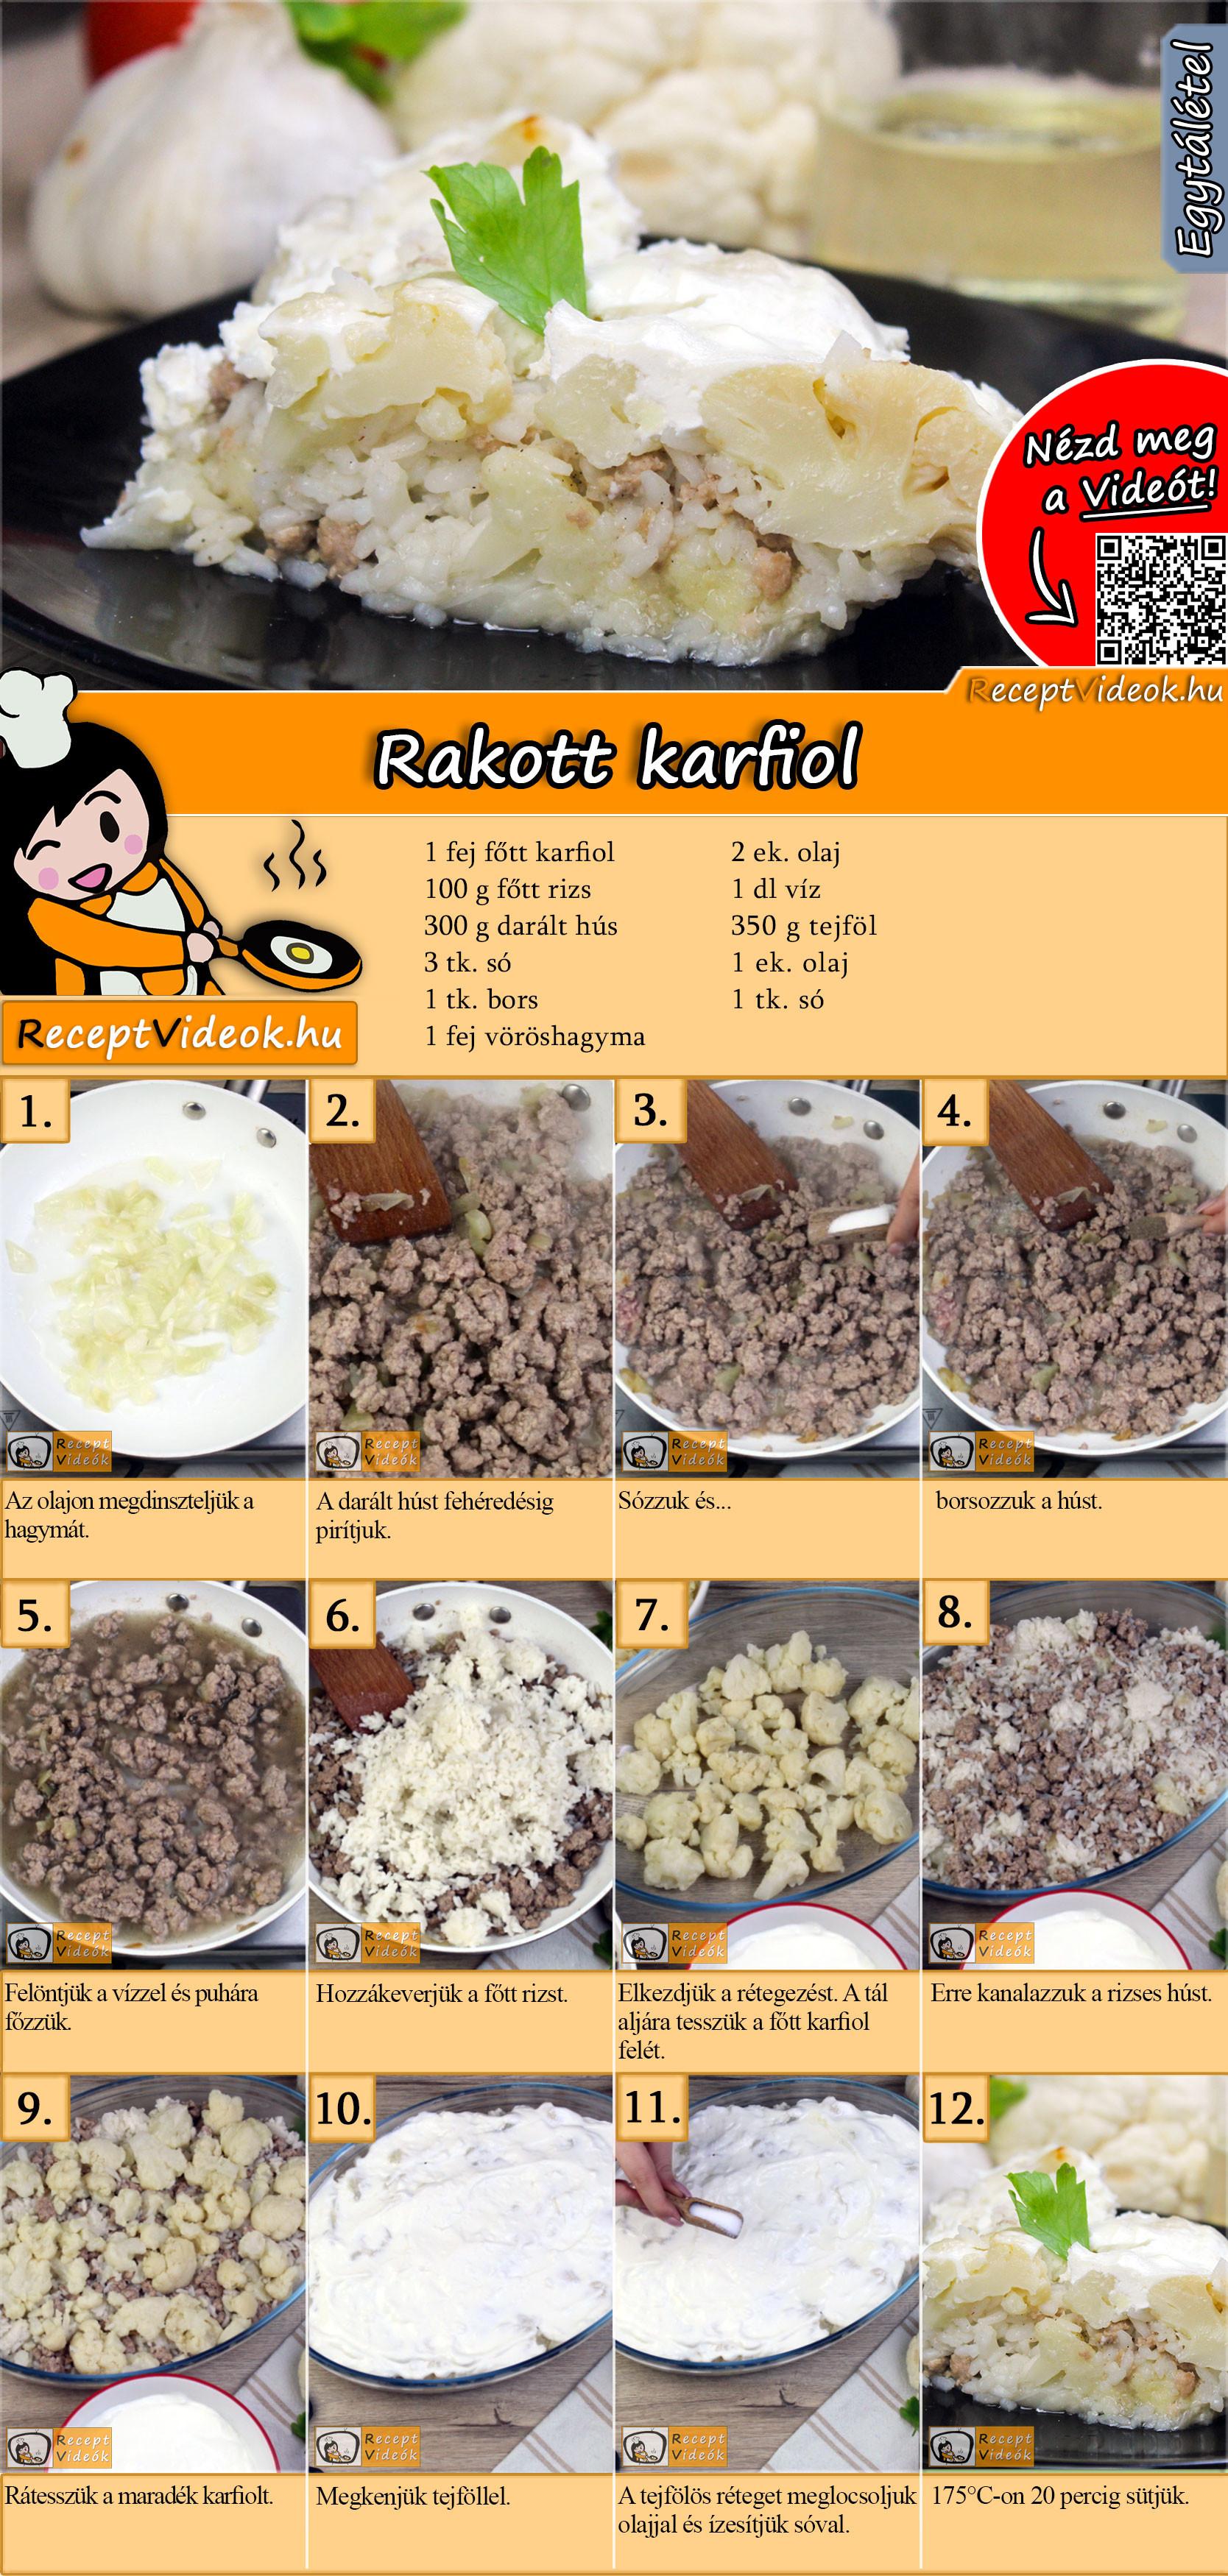 Rakott karfiol recept elkészítése videóval